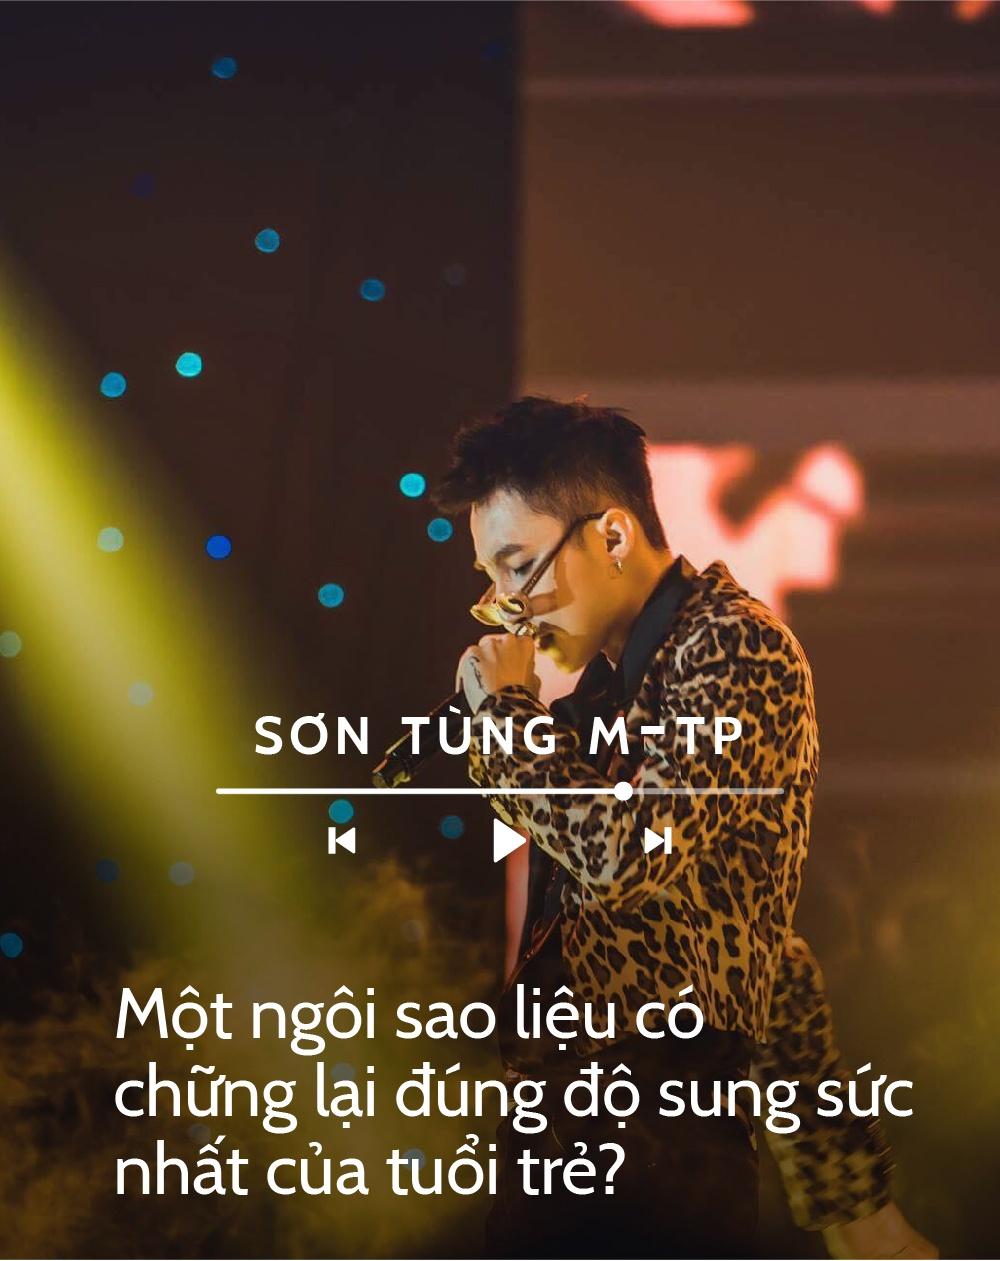 Son Tung va mot nam im ang: Can von hay chieu 'an binh bat dong'? hinh anh 6